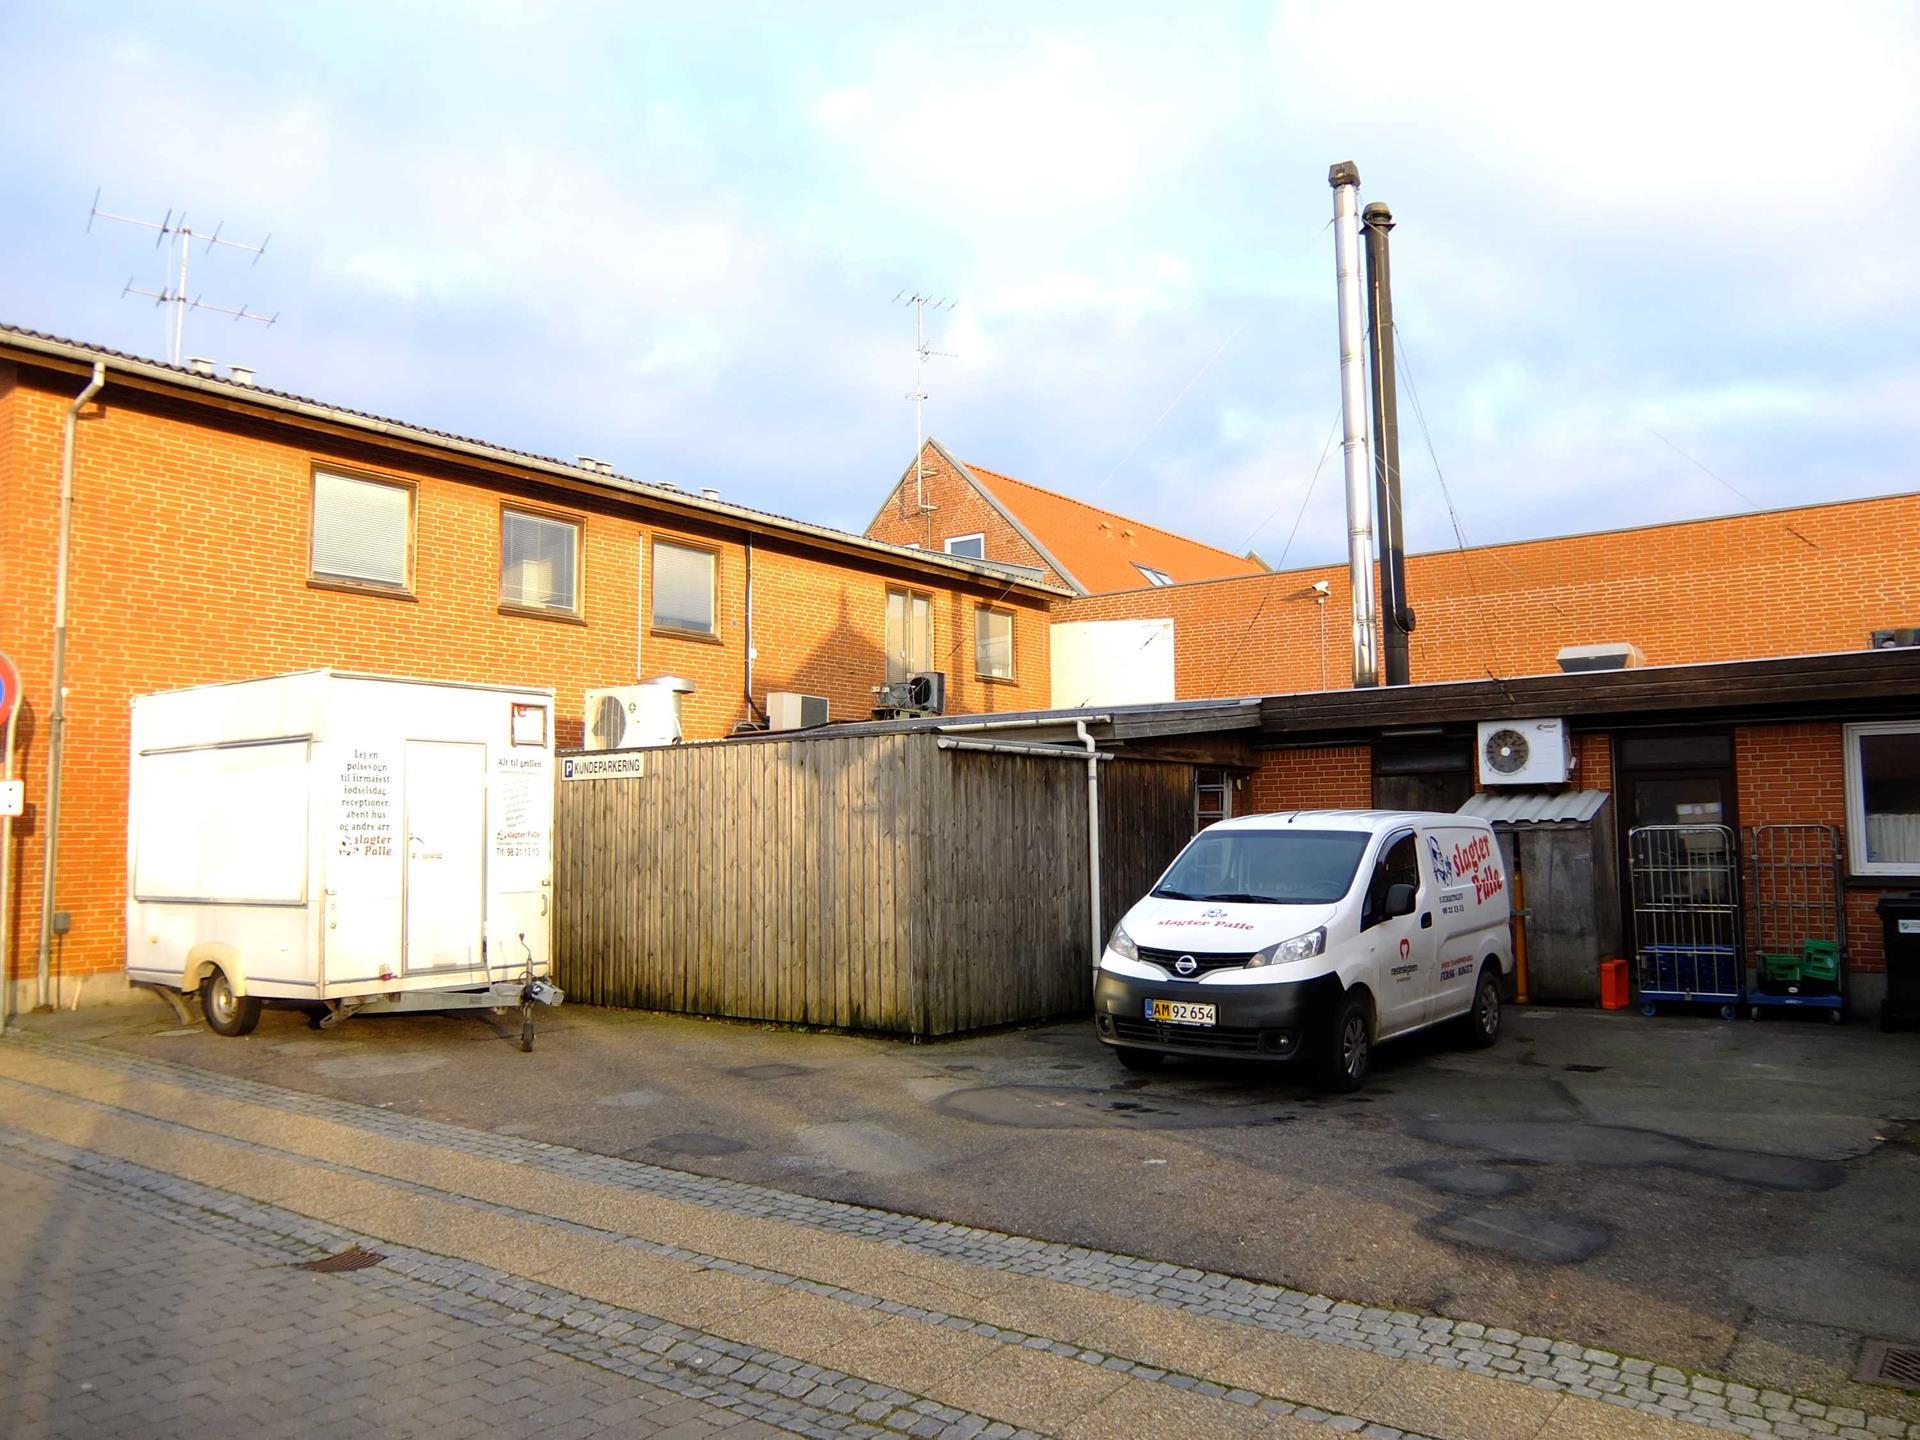 Bolig/erhverv på Østergade i Fjerritslev - Baggård